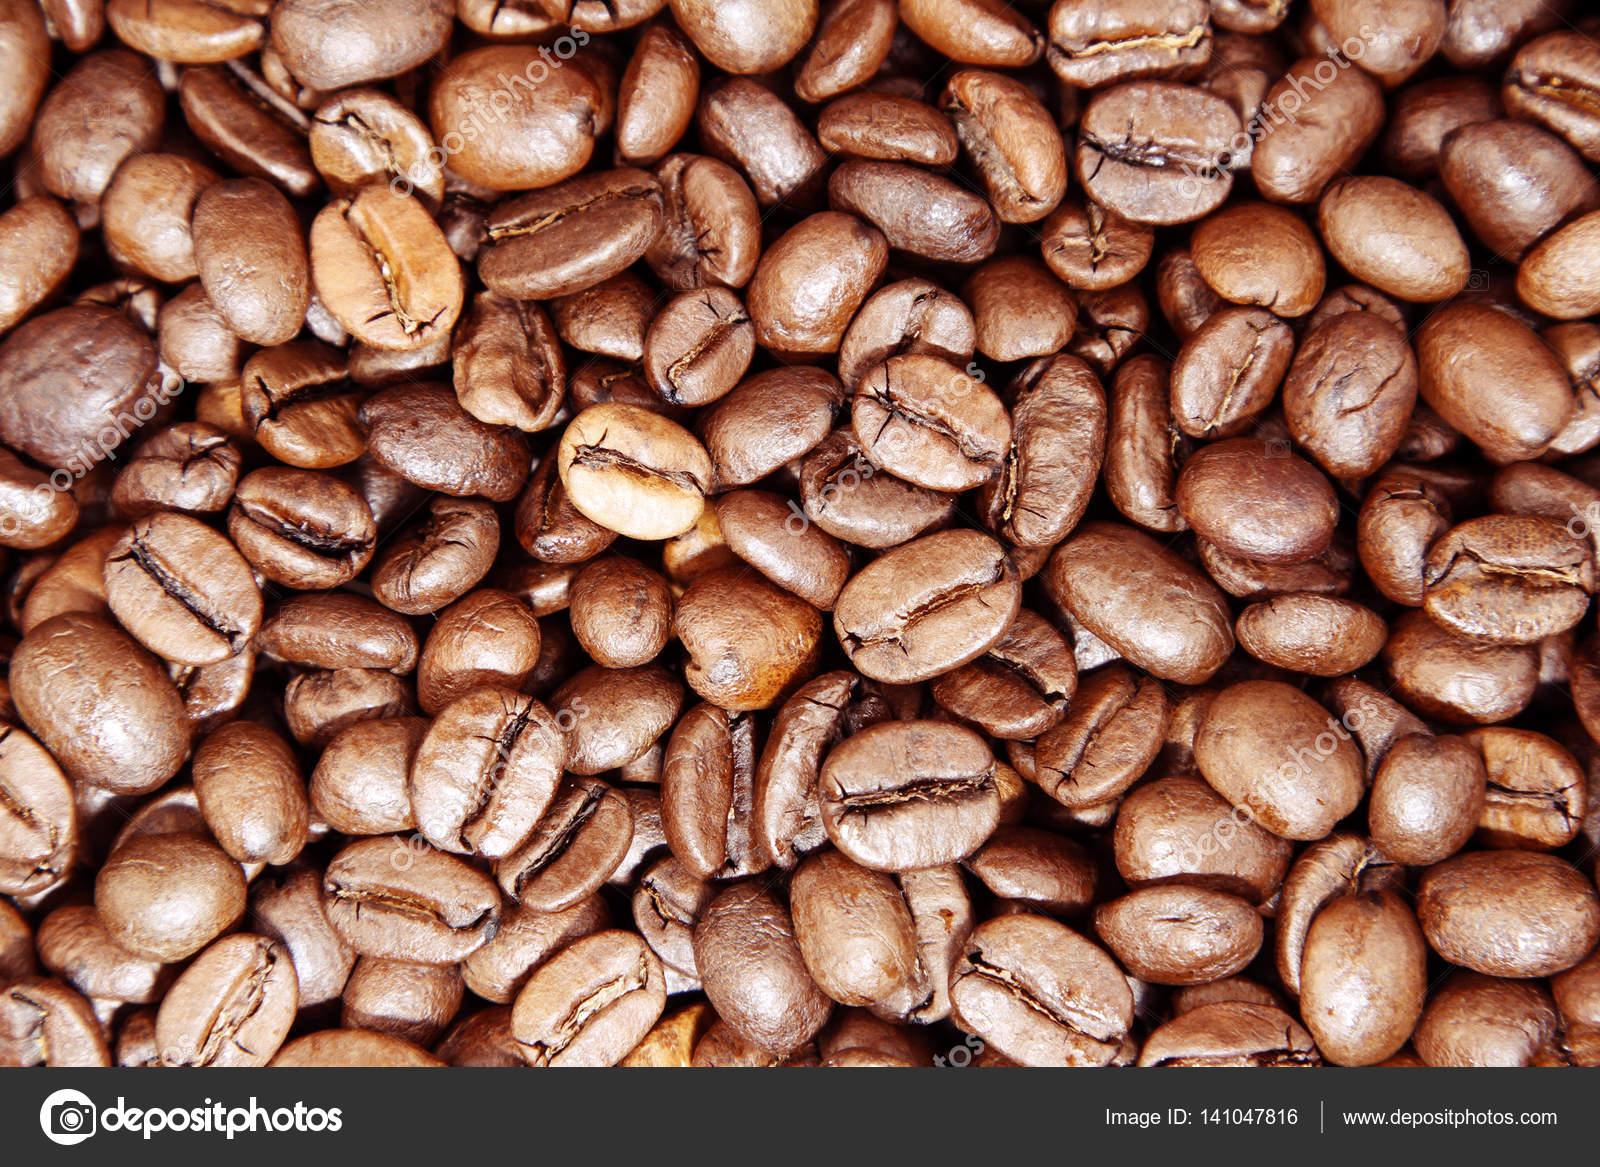 Licht Gebrande Koffiebonen : Gebrande koffiebonen u stockfoto stillfx